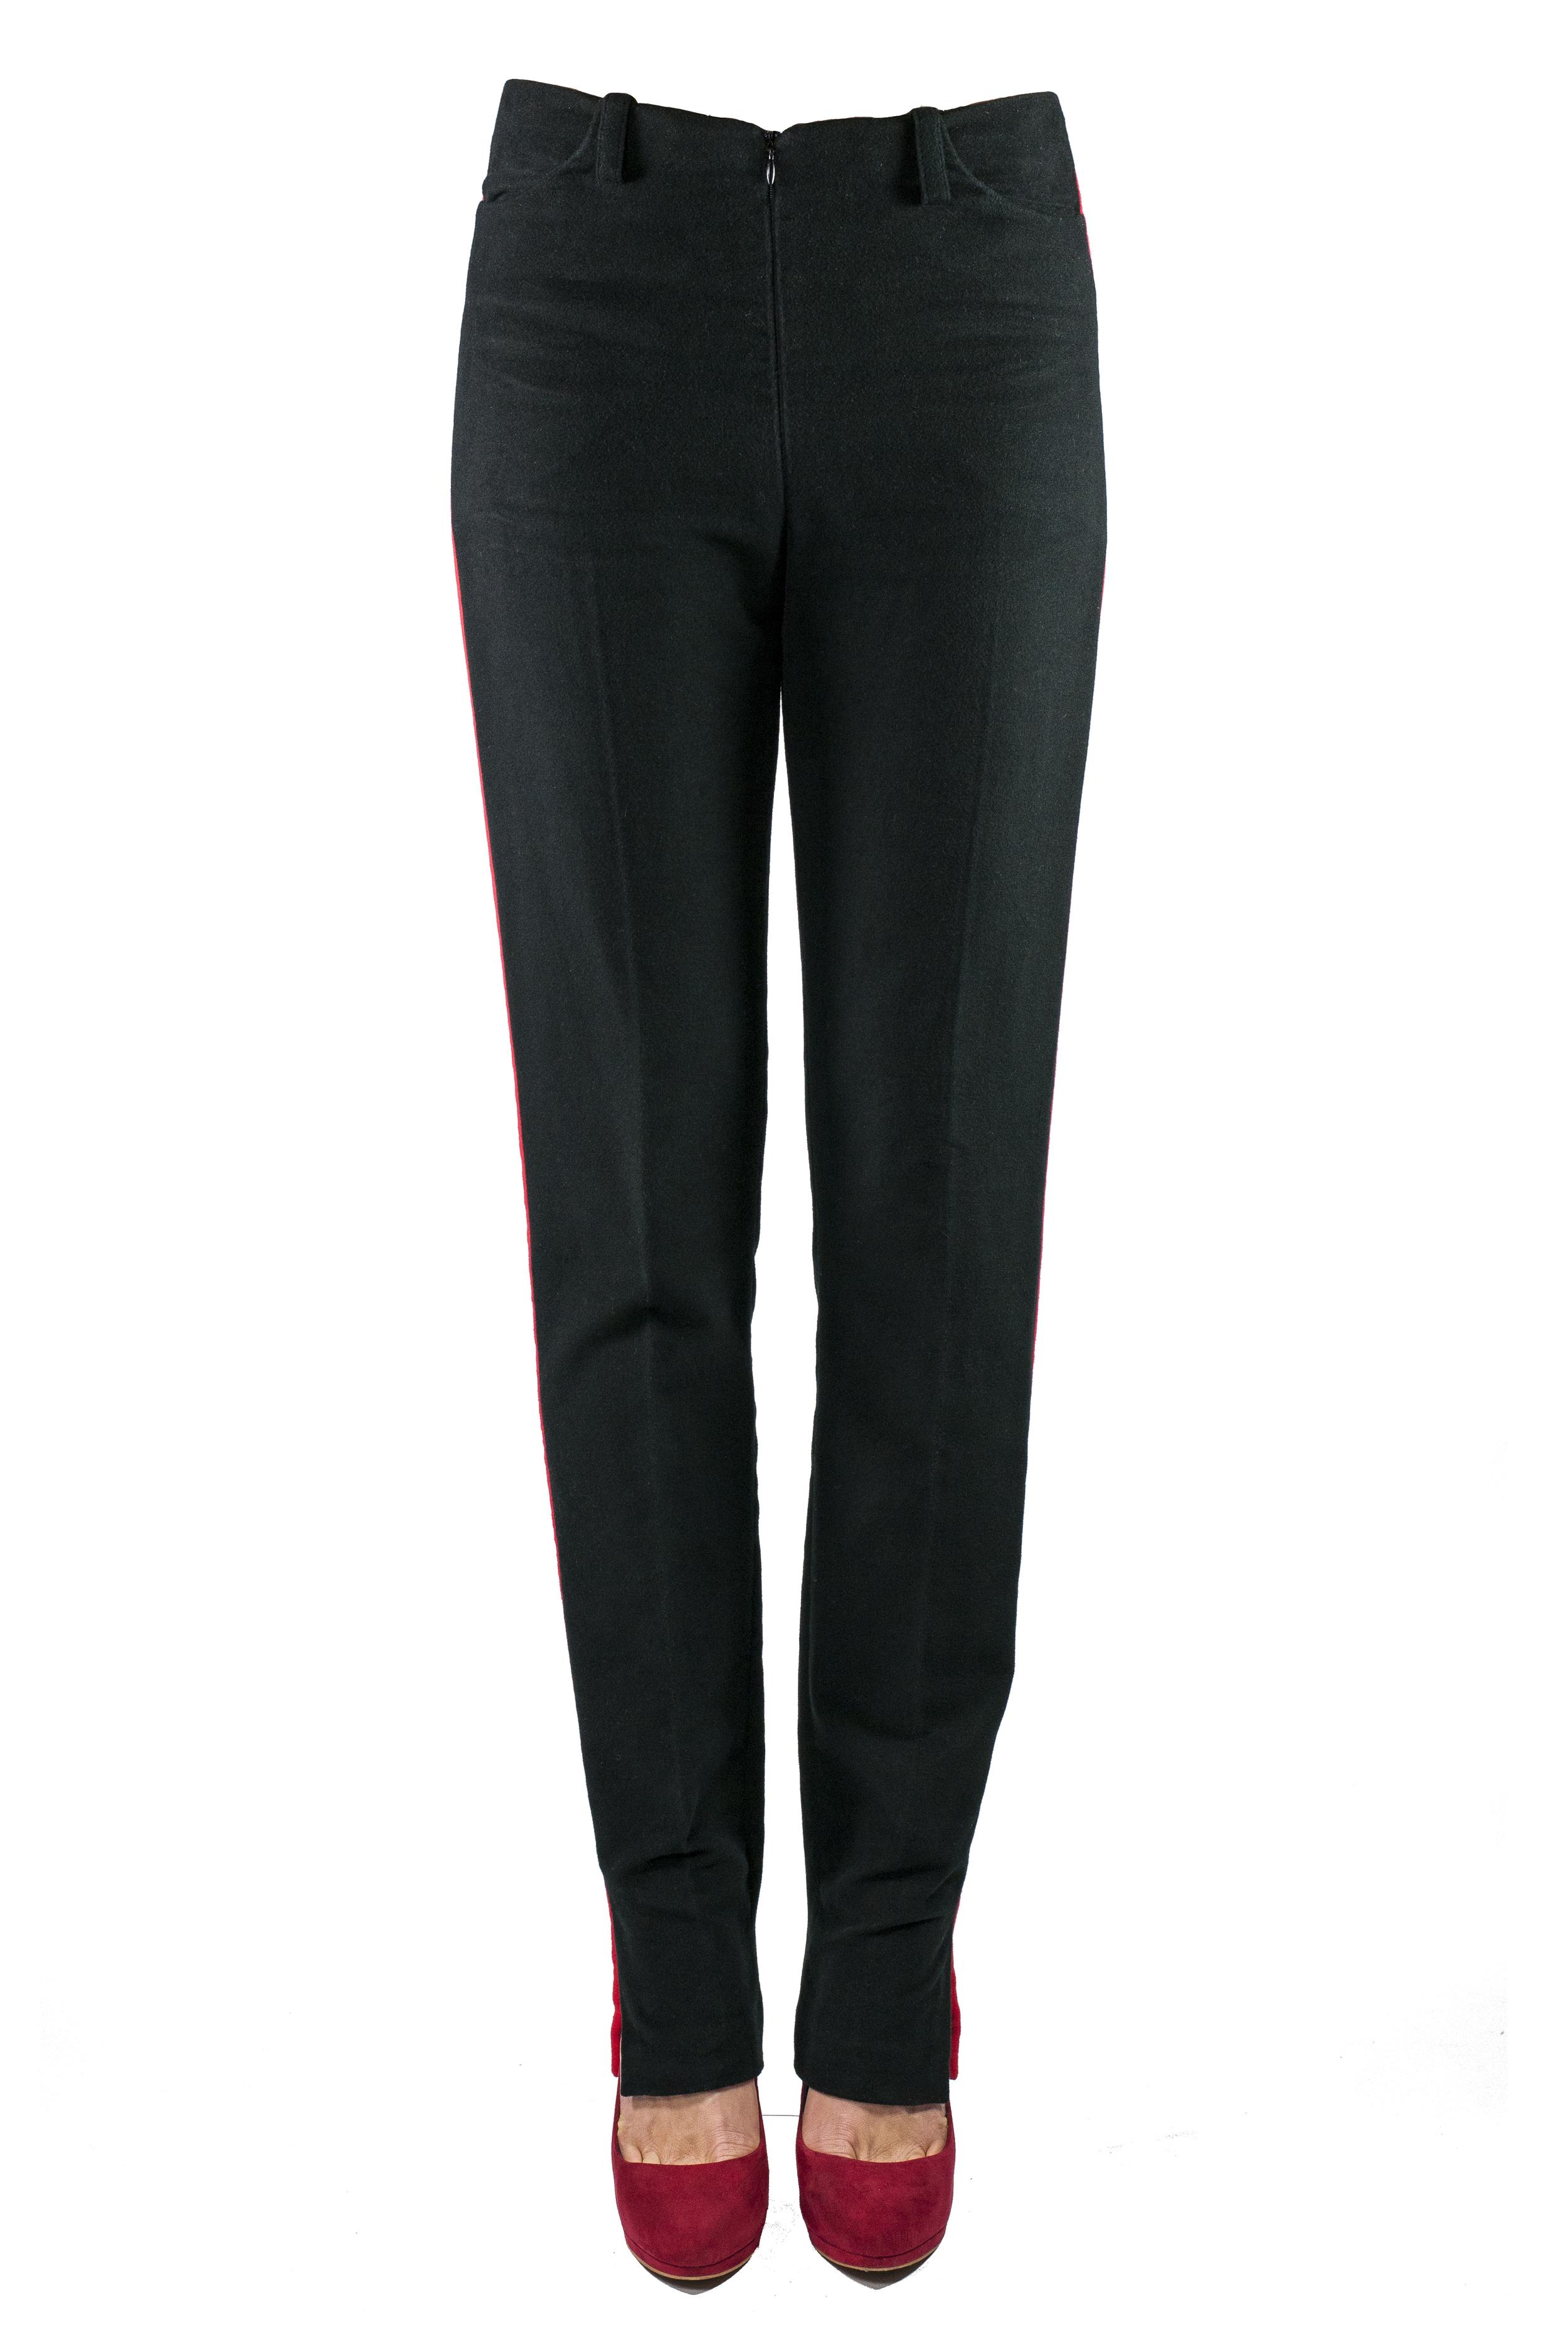 Womens trousers front JAN.jpg